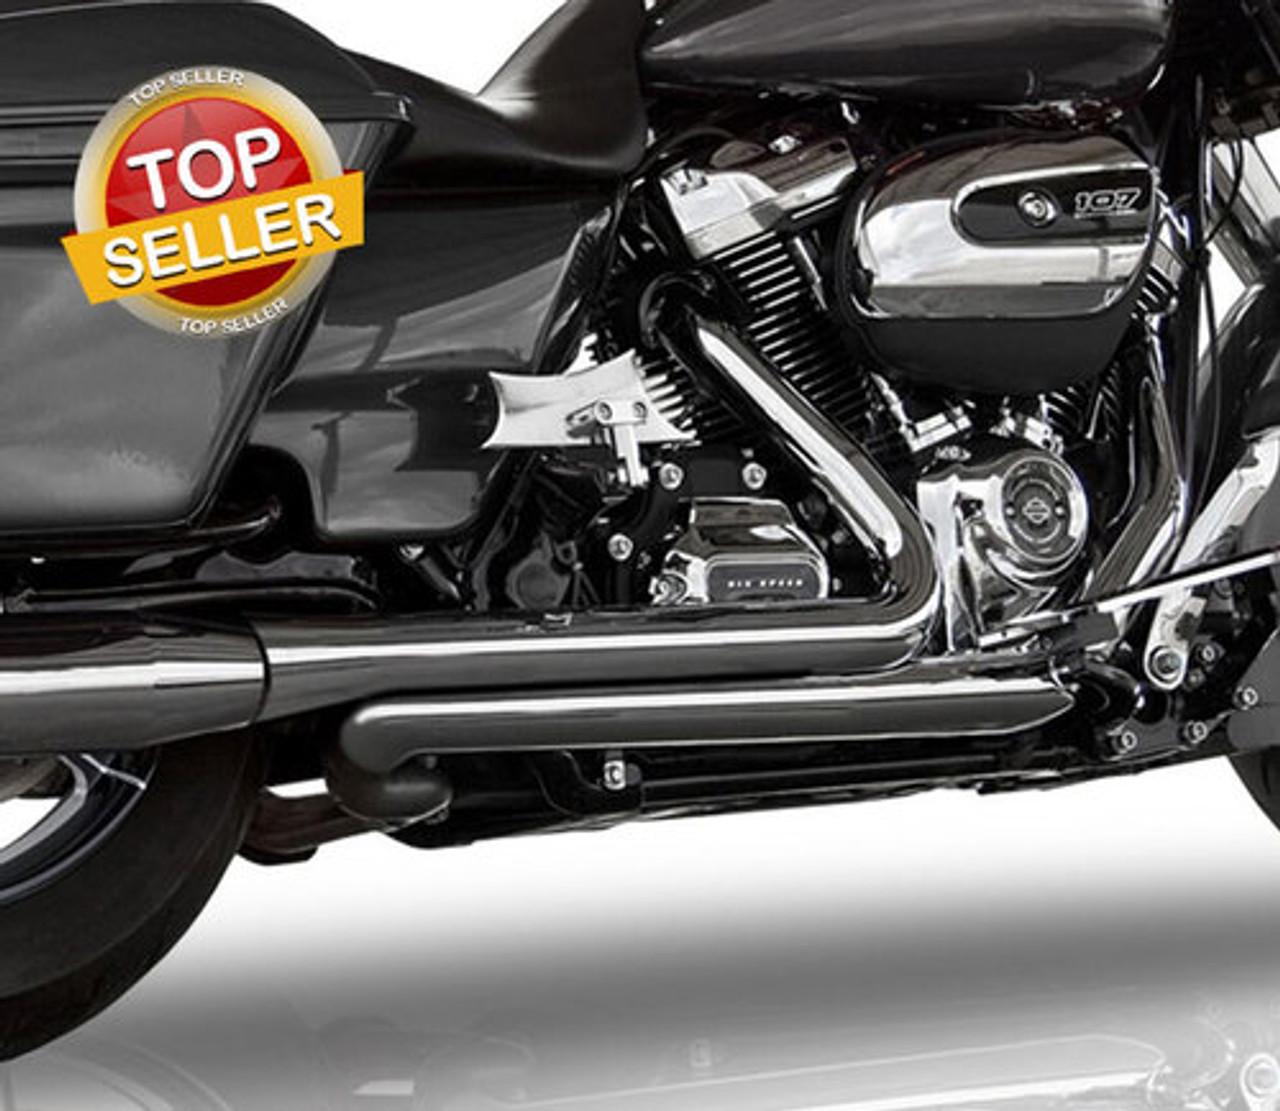 stage 2 svt boneshaker power package for 17 up harley davidson touring models choose black or chrome